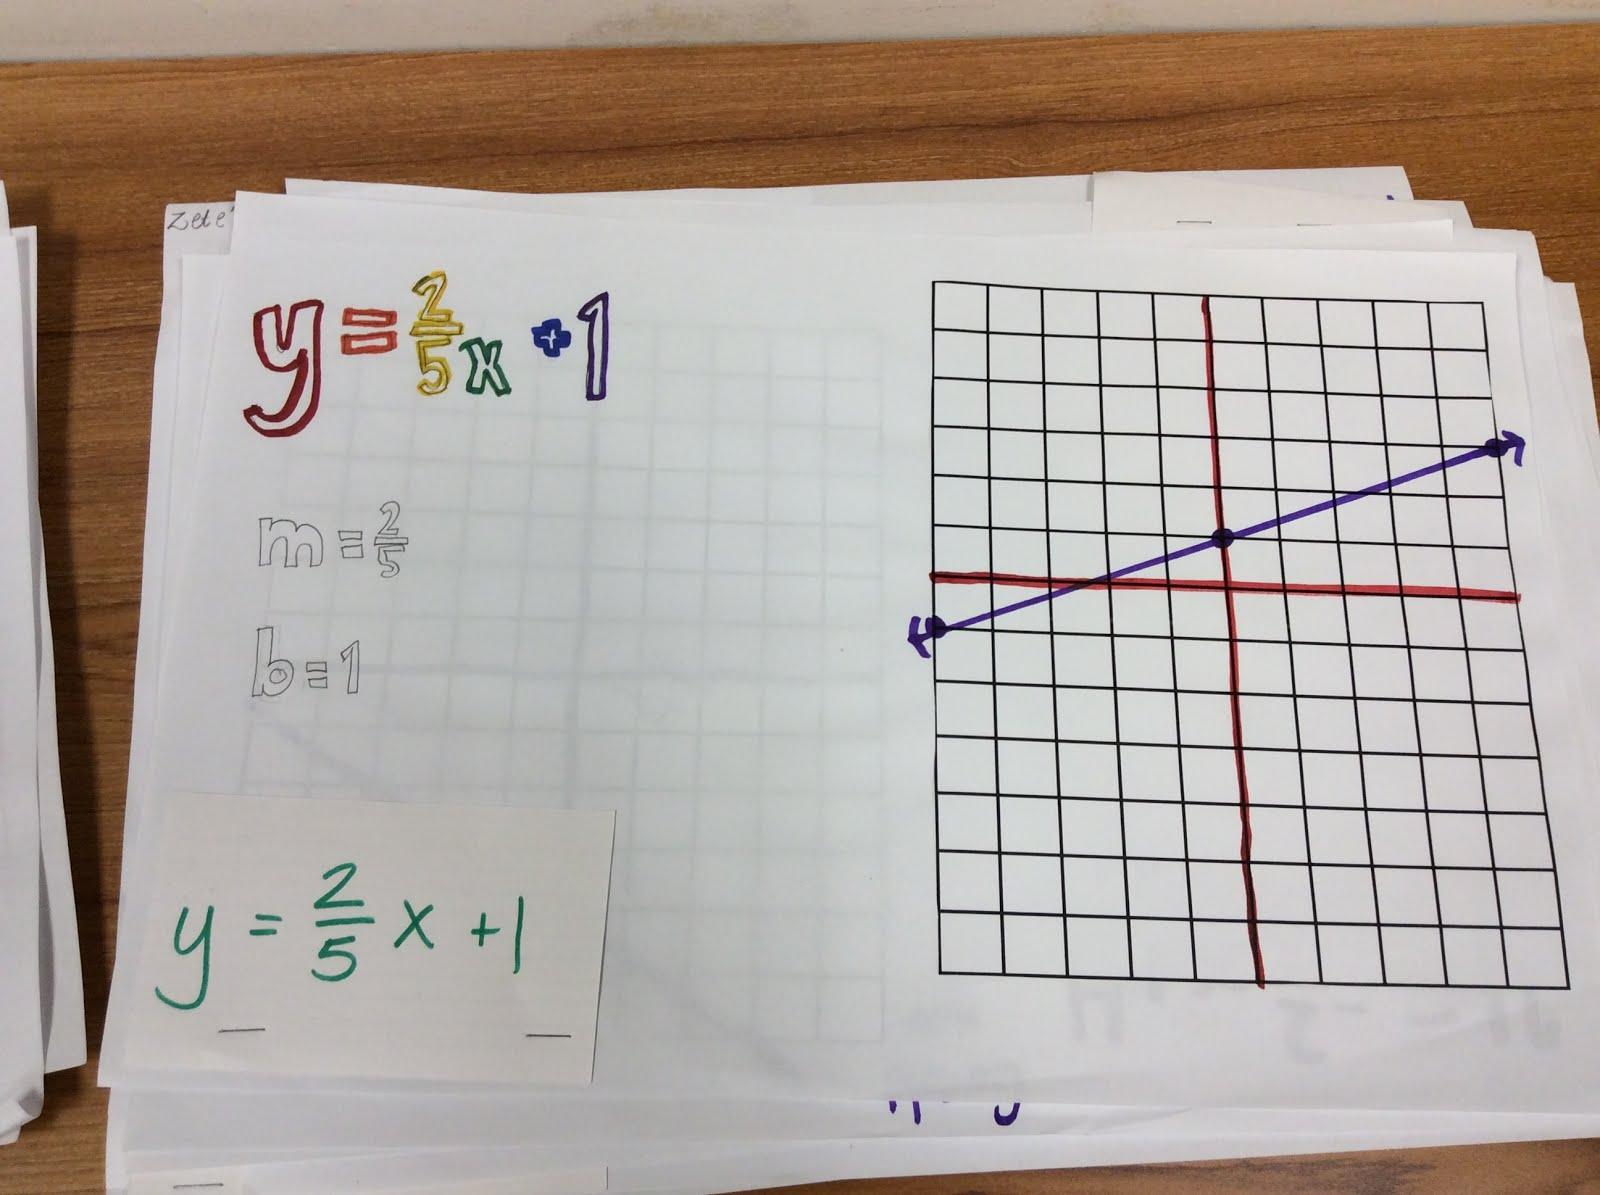 Simplifying Radicals Worksheet Jmap